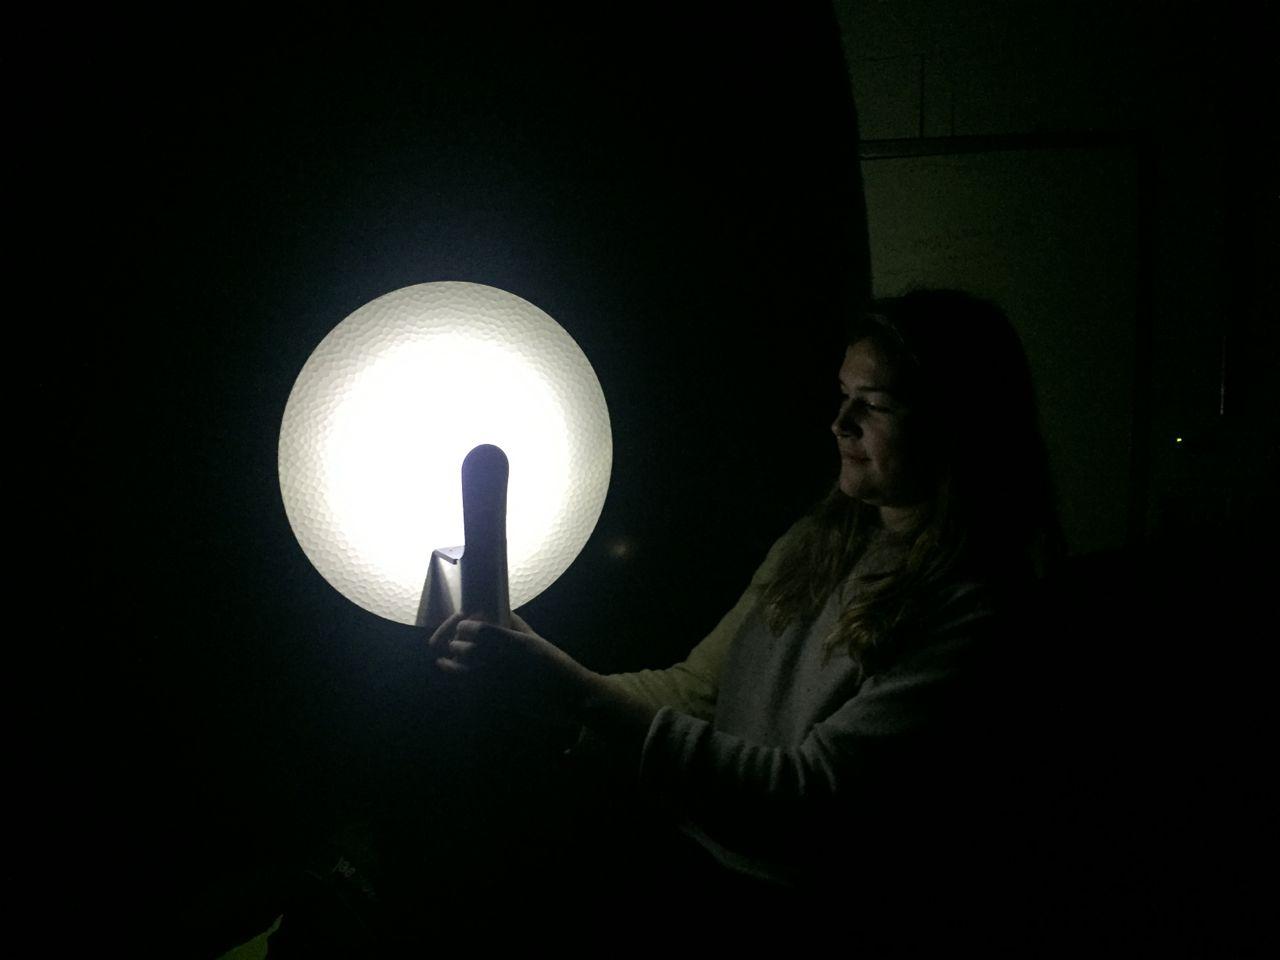 il sagit dune lampe nomme city lights orchestra device de son petit nom clod connecte et synchronise